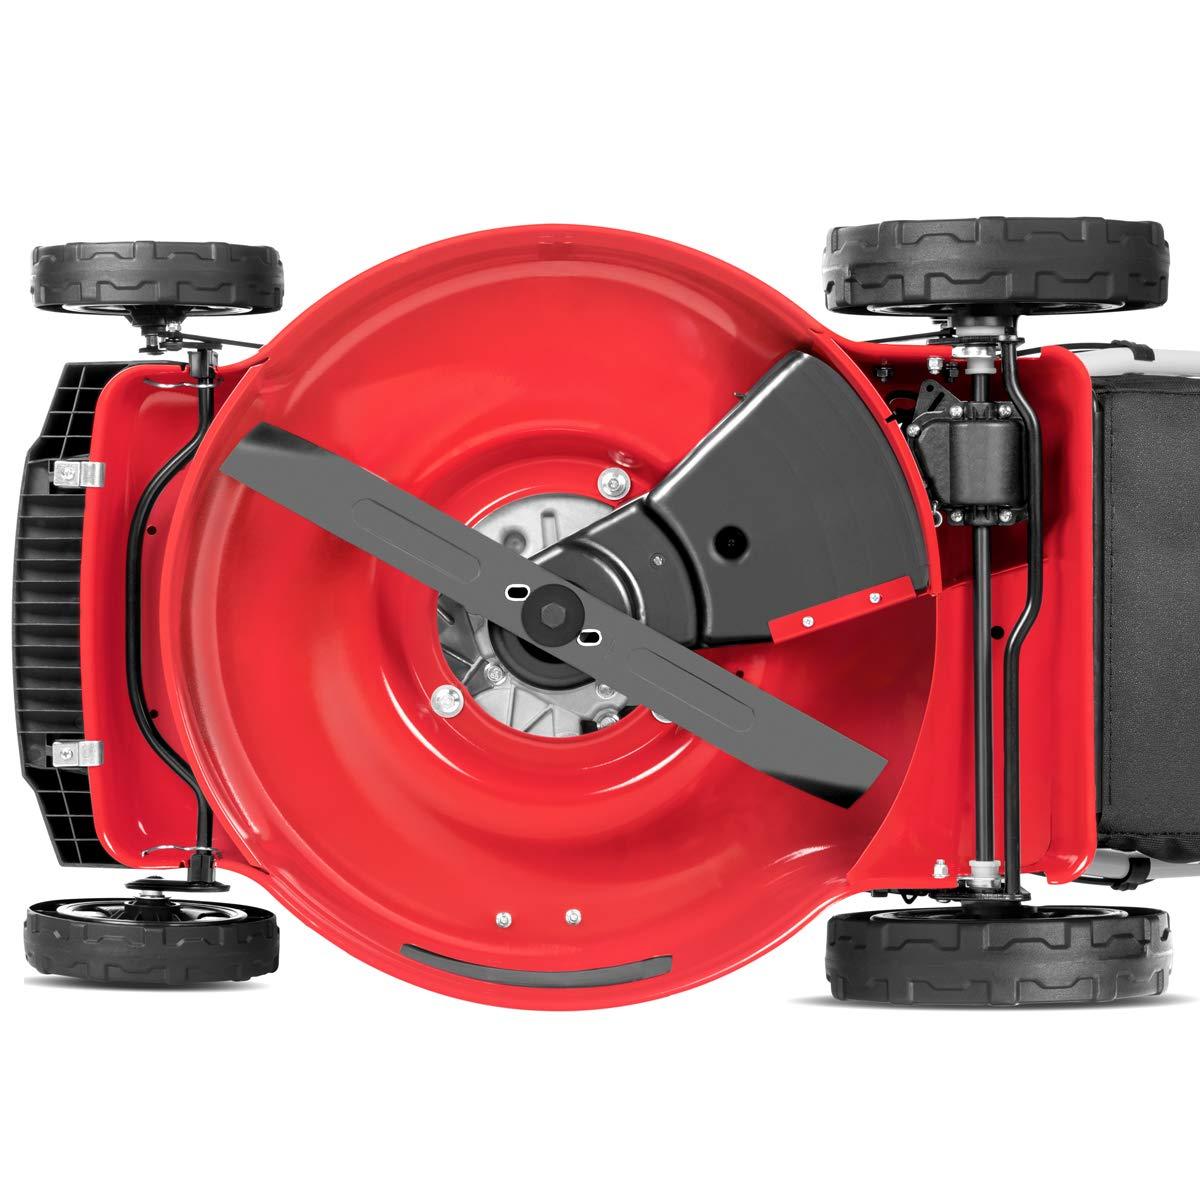 Greencut GLM770SXE - Cortacésped autopropulsado con motor de gasolina de 165cc y 6cv y arranque eléctrico, con un ancho de corte de 483mm (o 19